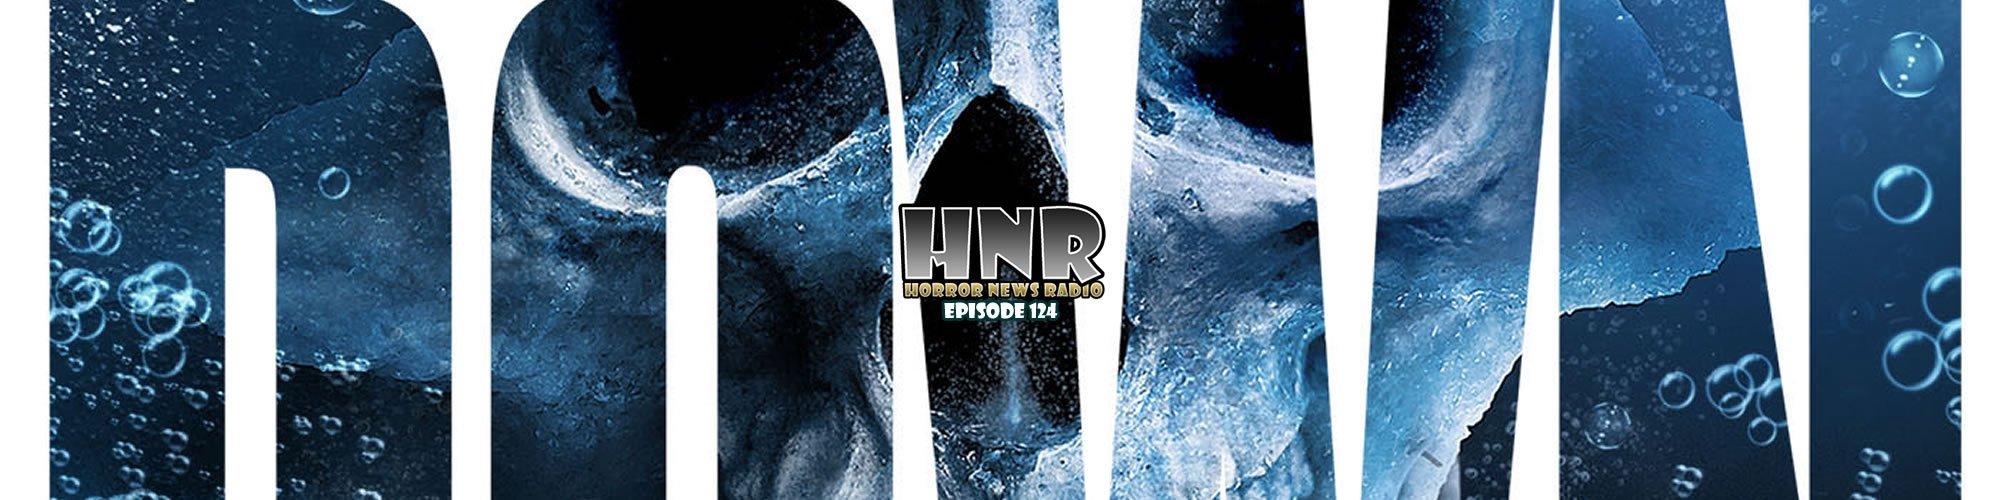 HNRSiteBanner124